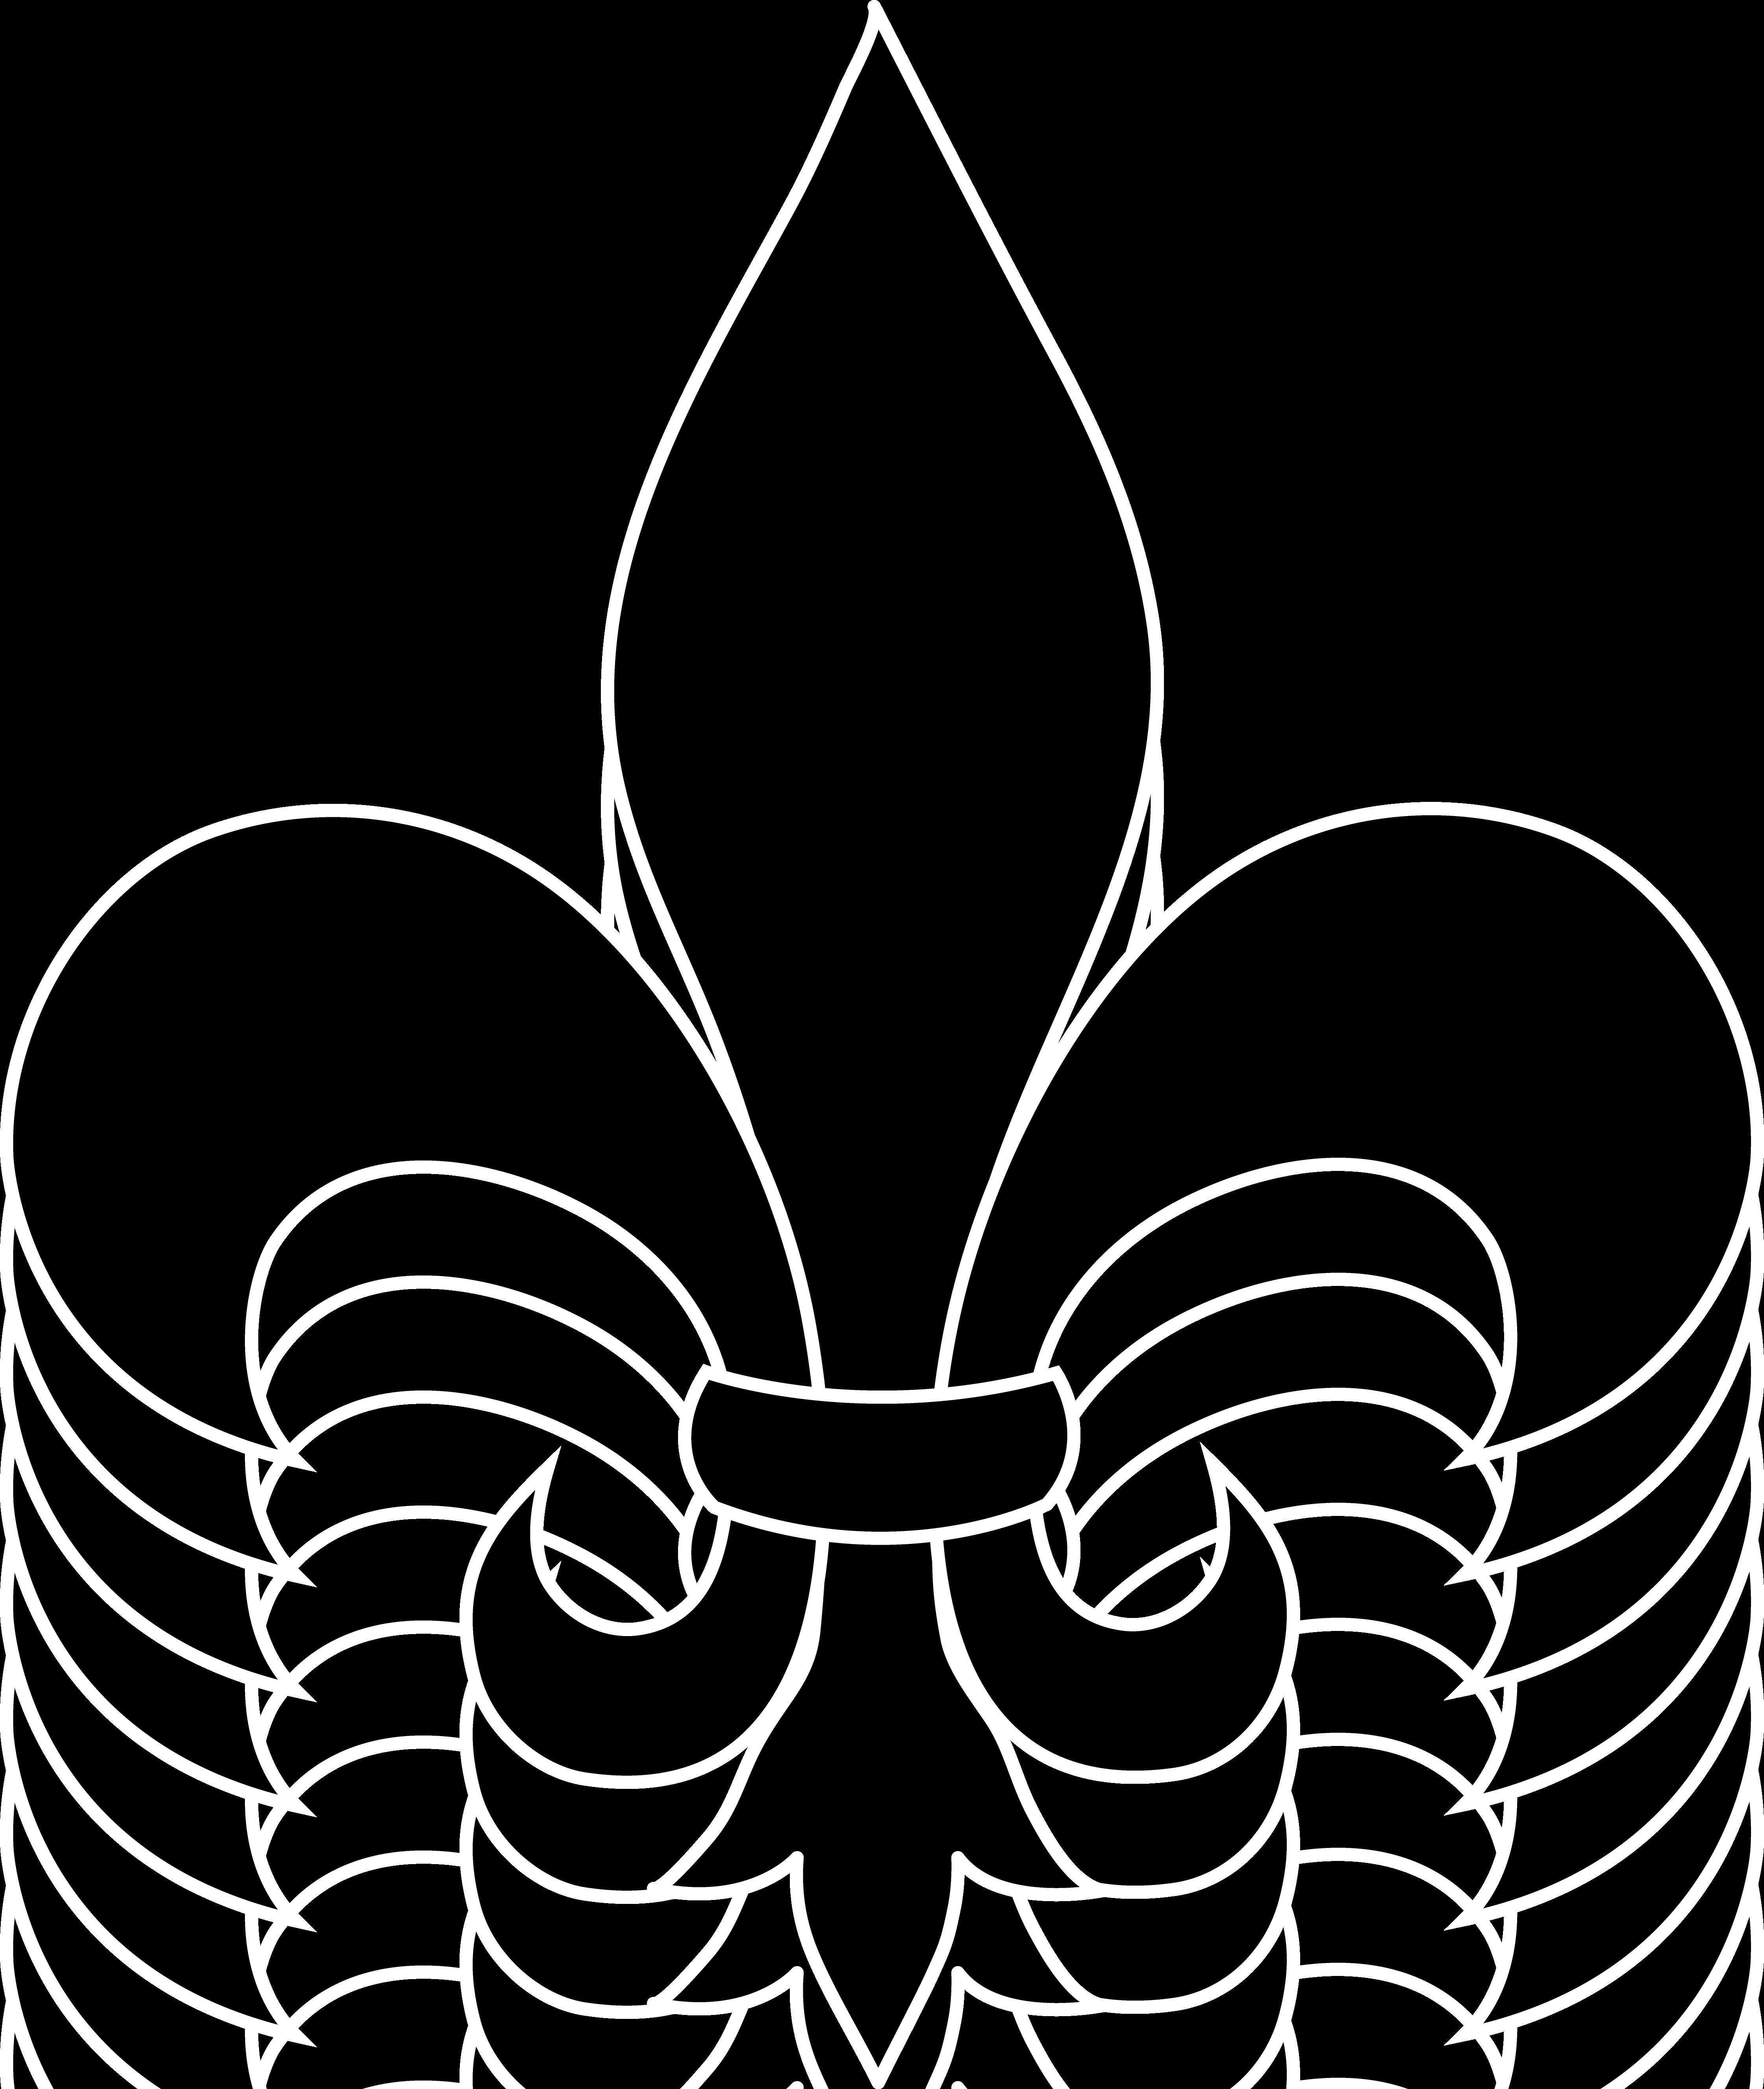 4480x5304 Black Fleur De Lis Silhouette